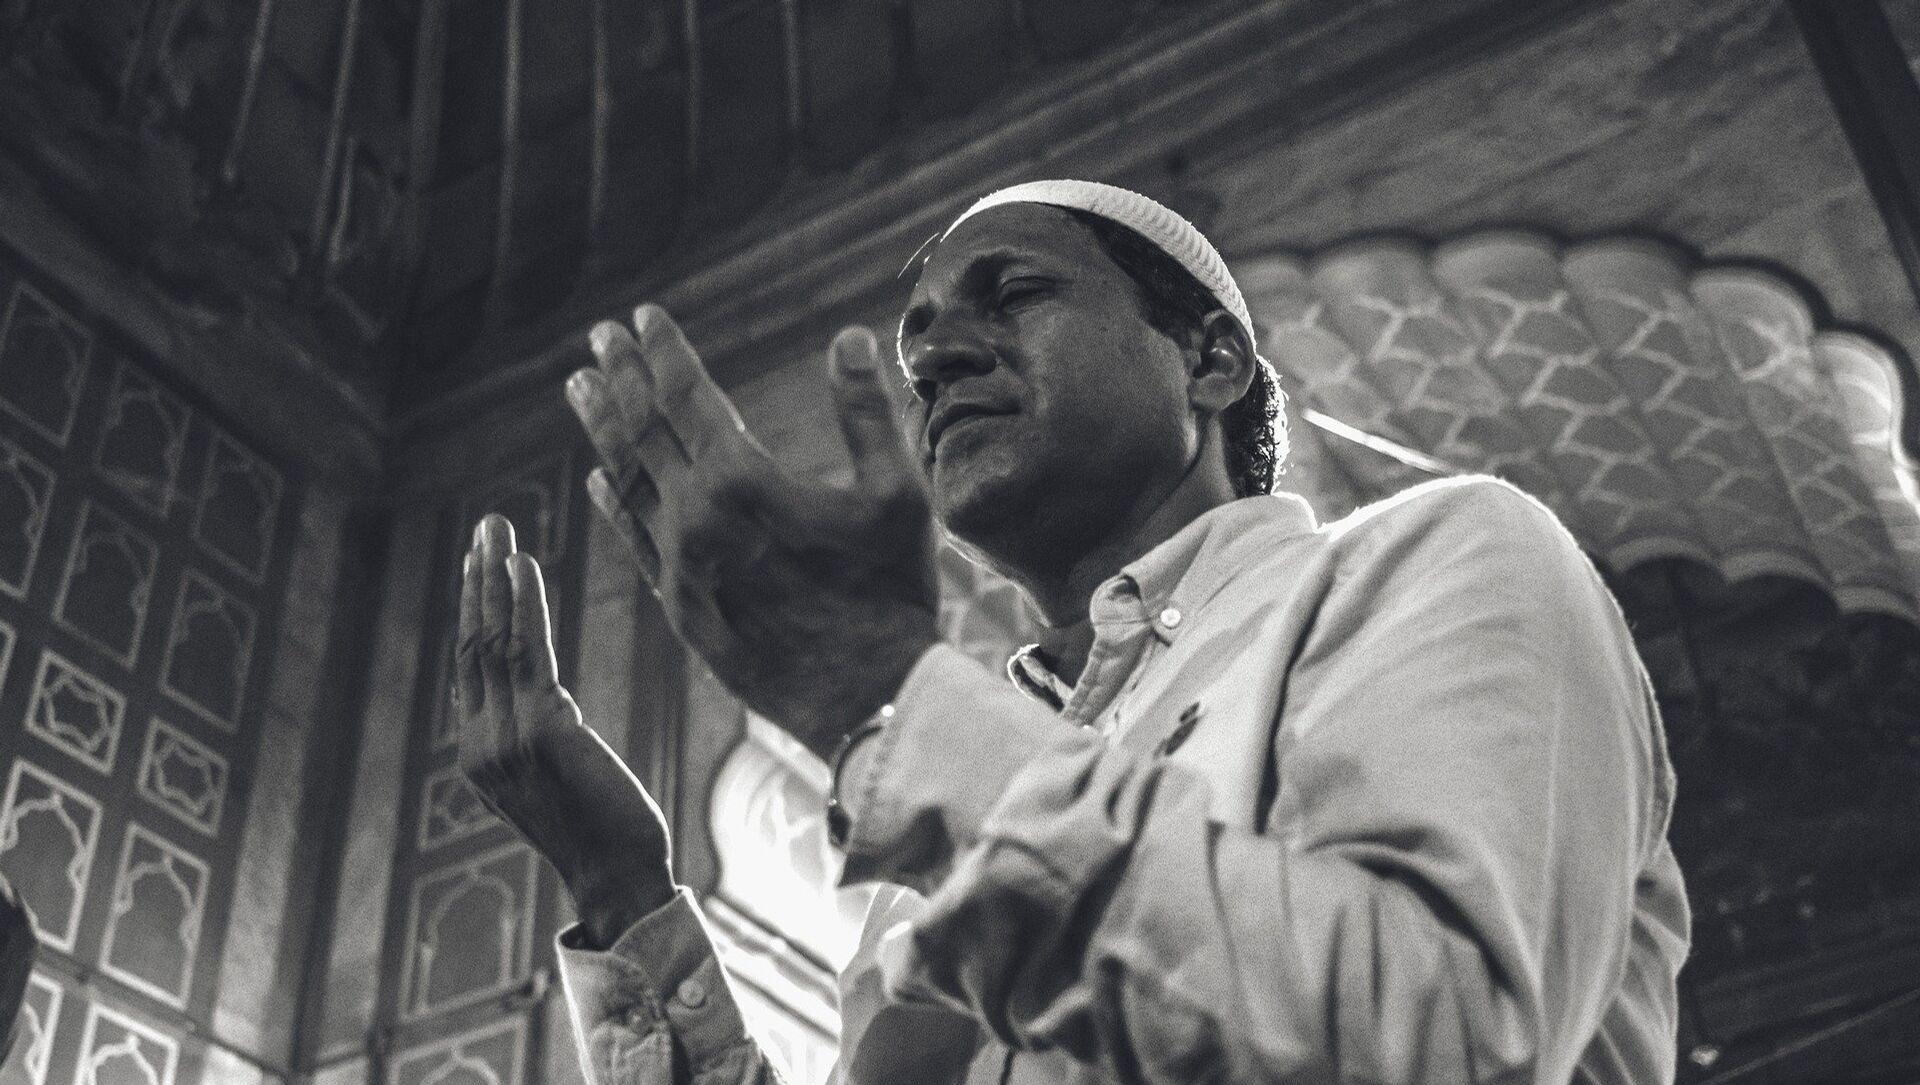 Човек се моли у џамији - илустрација - Sputnik Србија, 1920, 15.06.2021